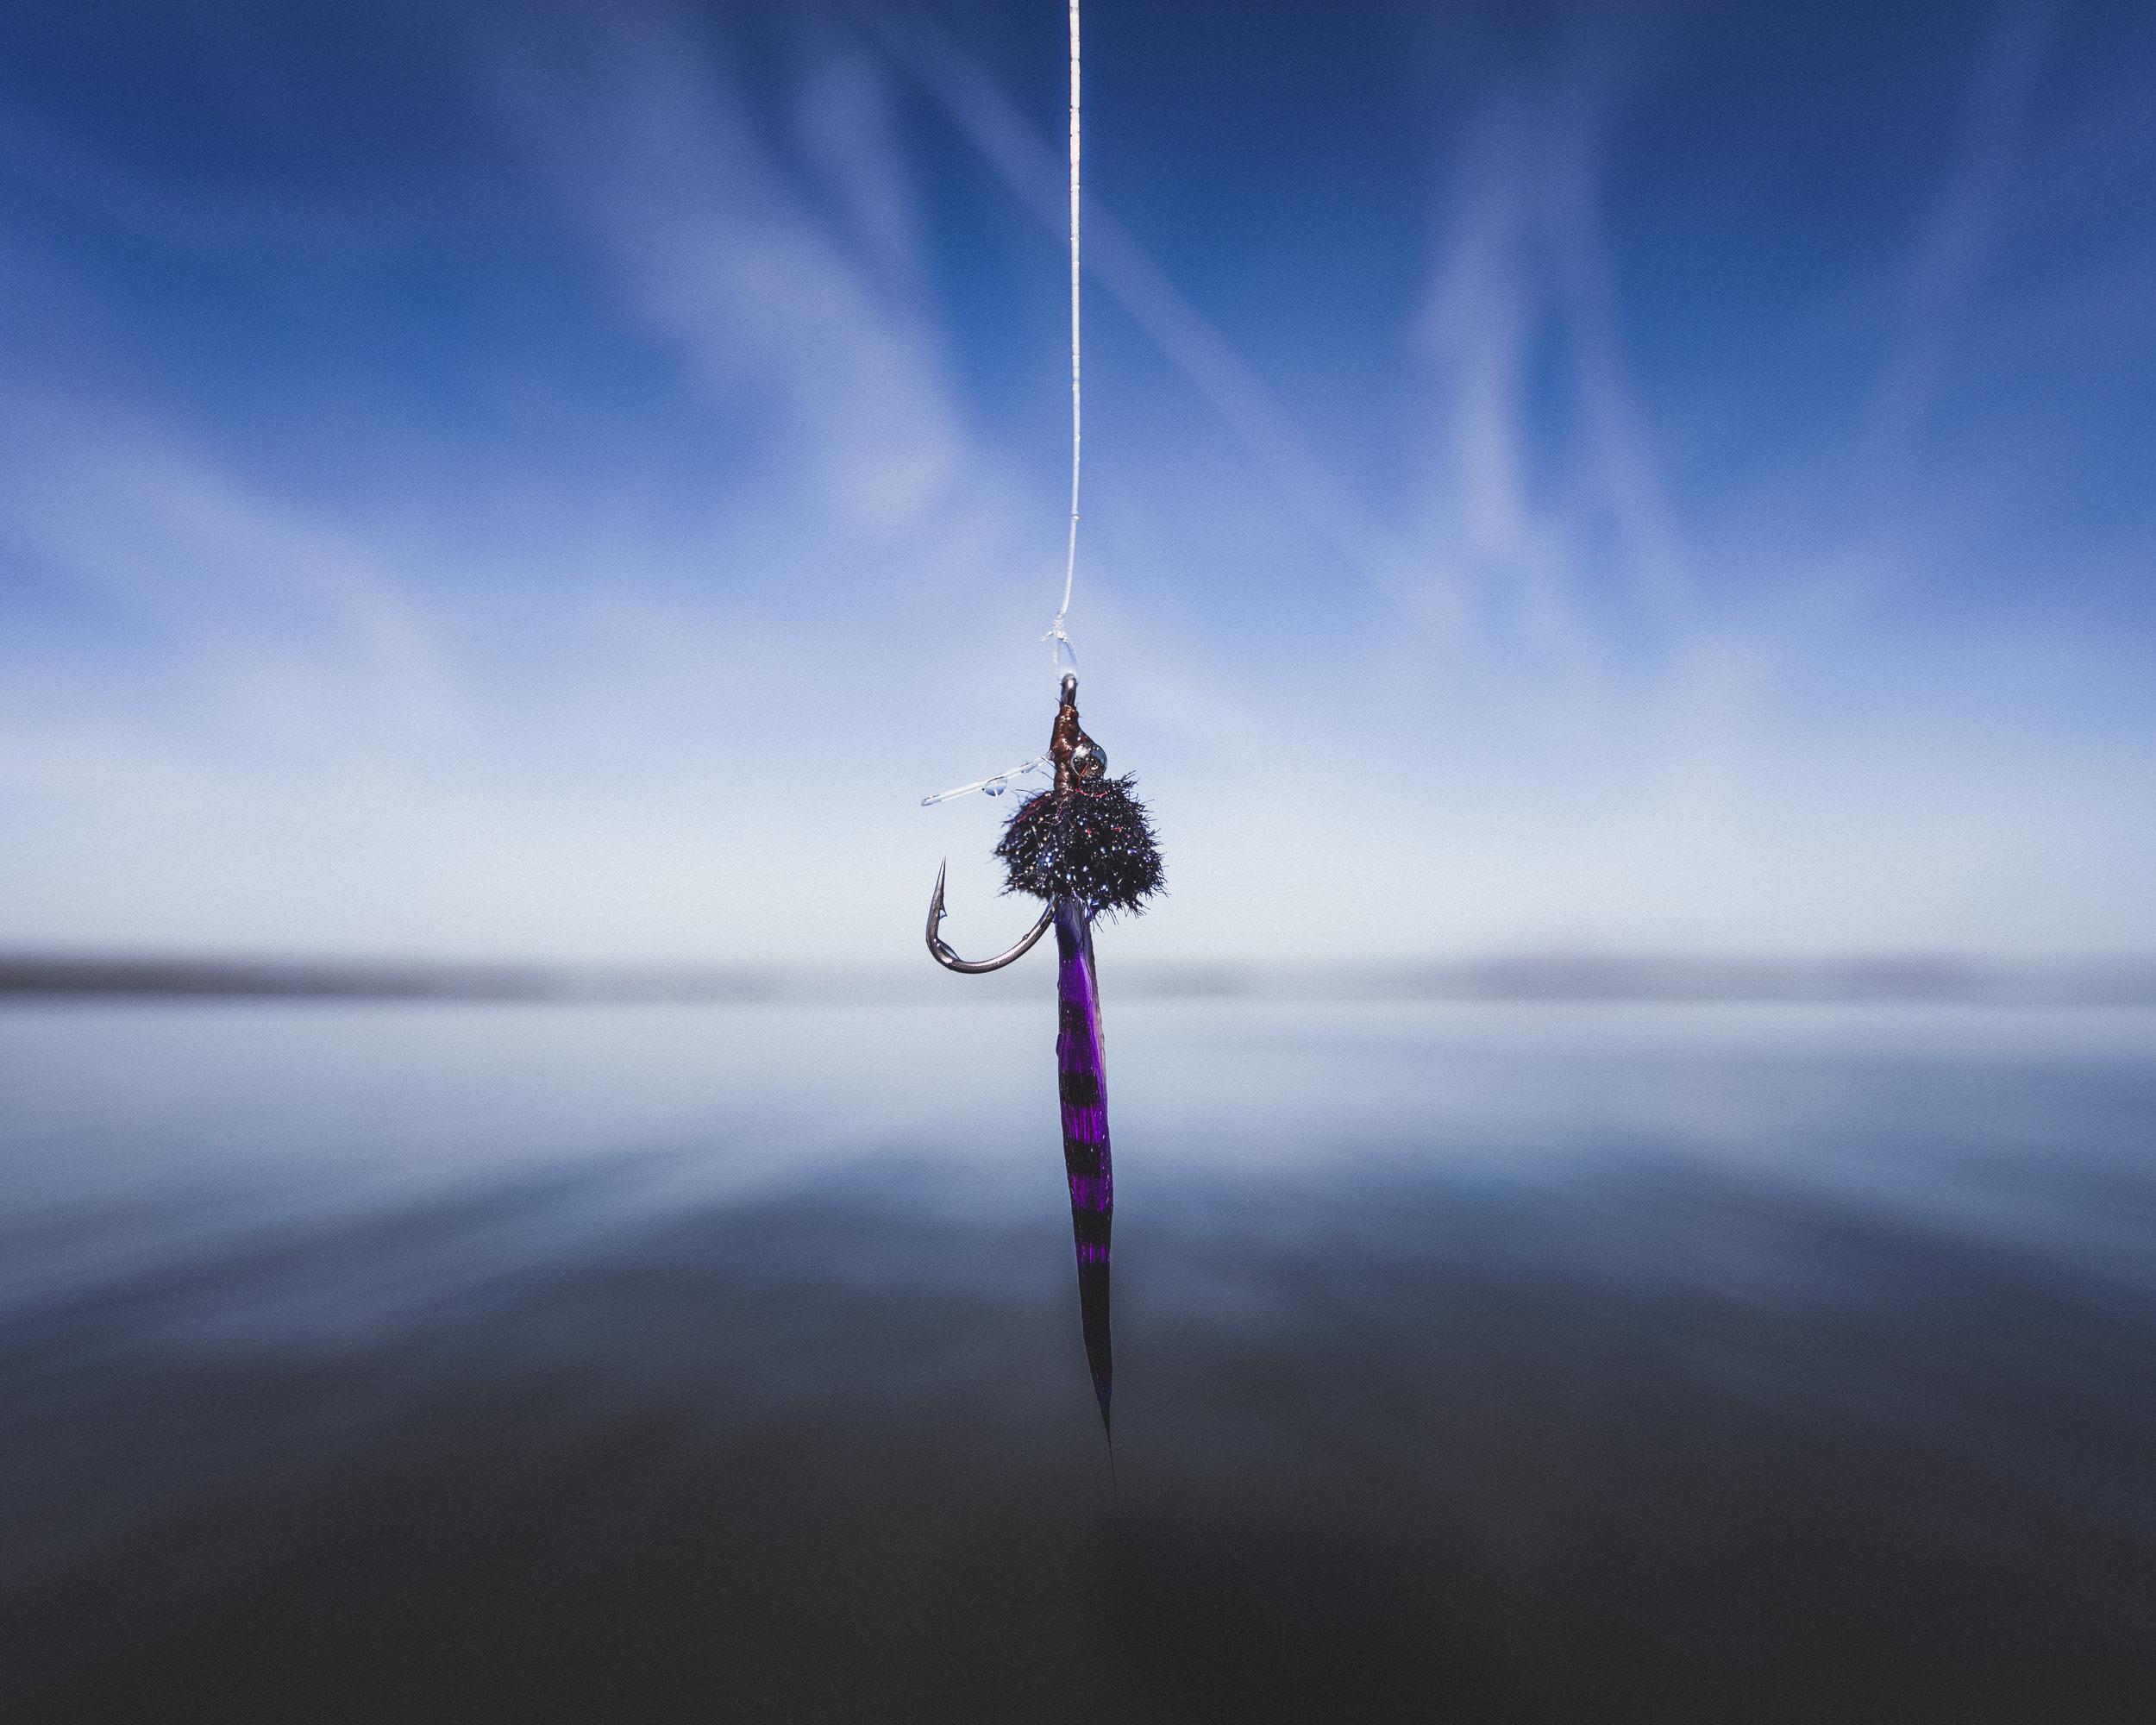 fishing2.6.18-2.jpg